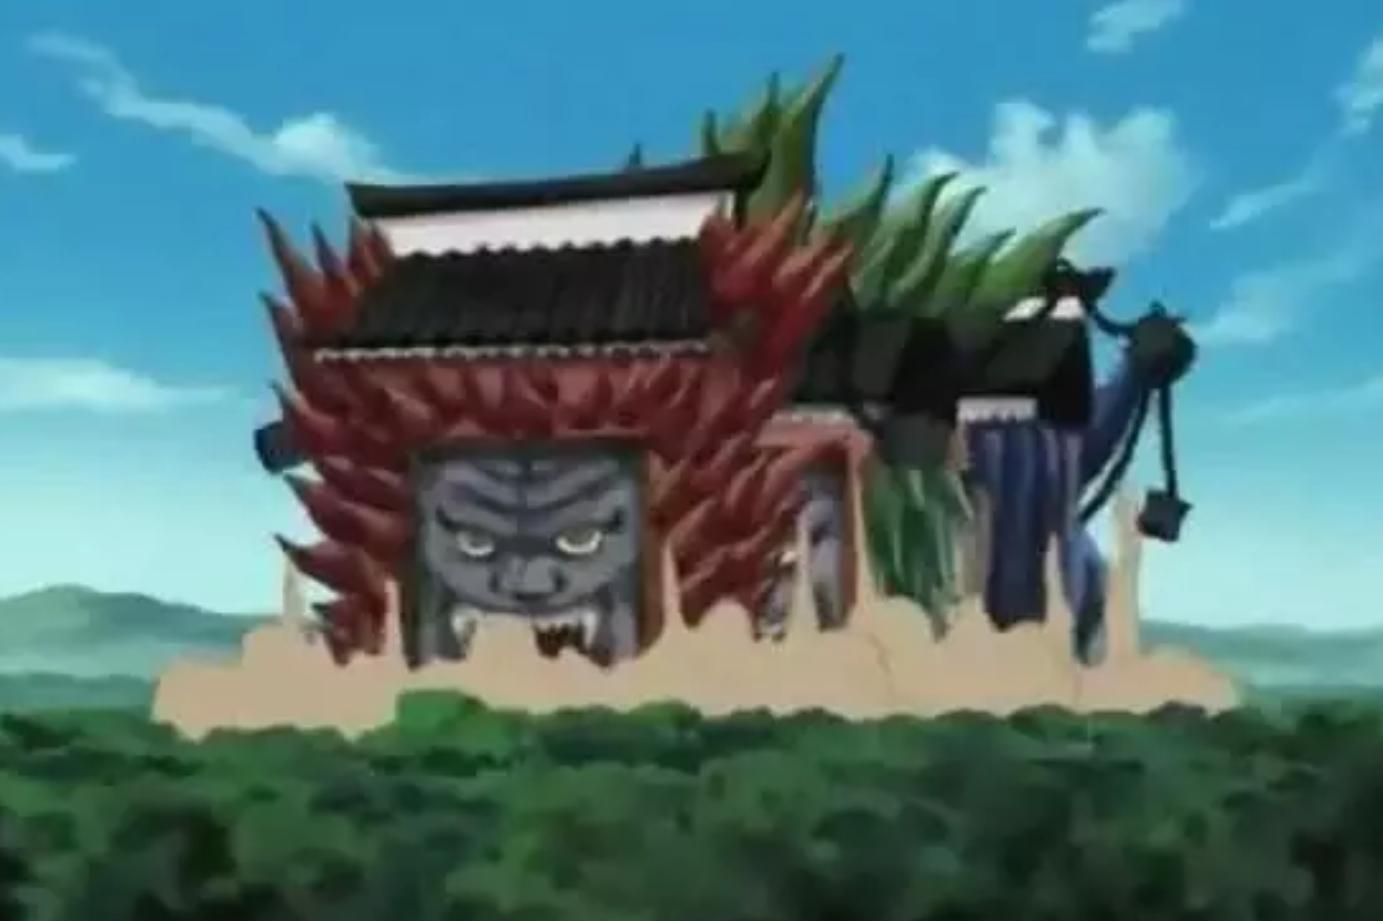 火影忍者:号称防御无敌的四大忍术,除了八尺镜,其他都被夸大!